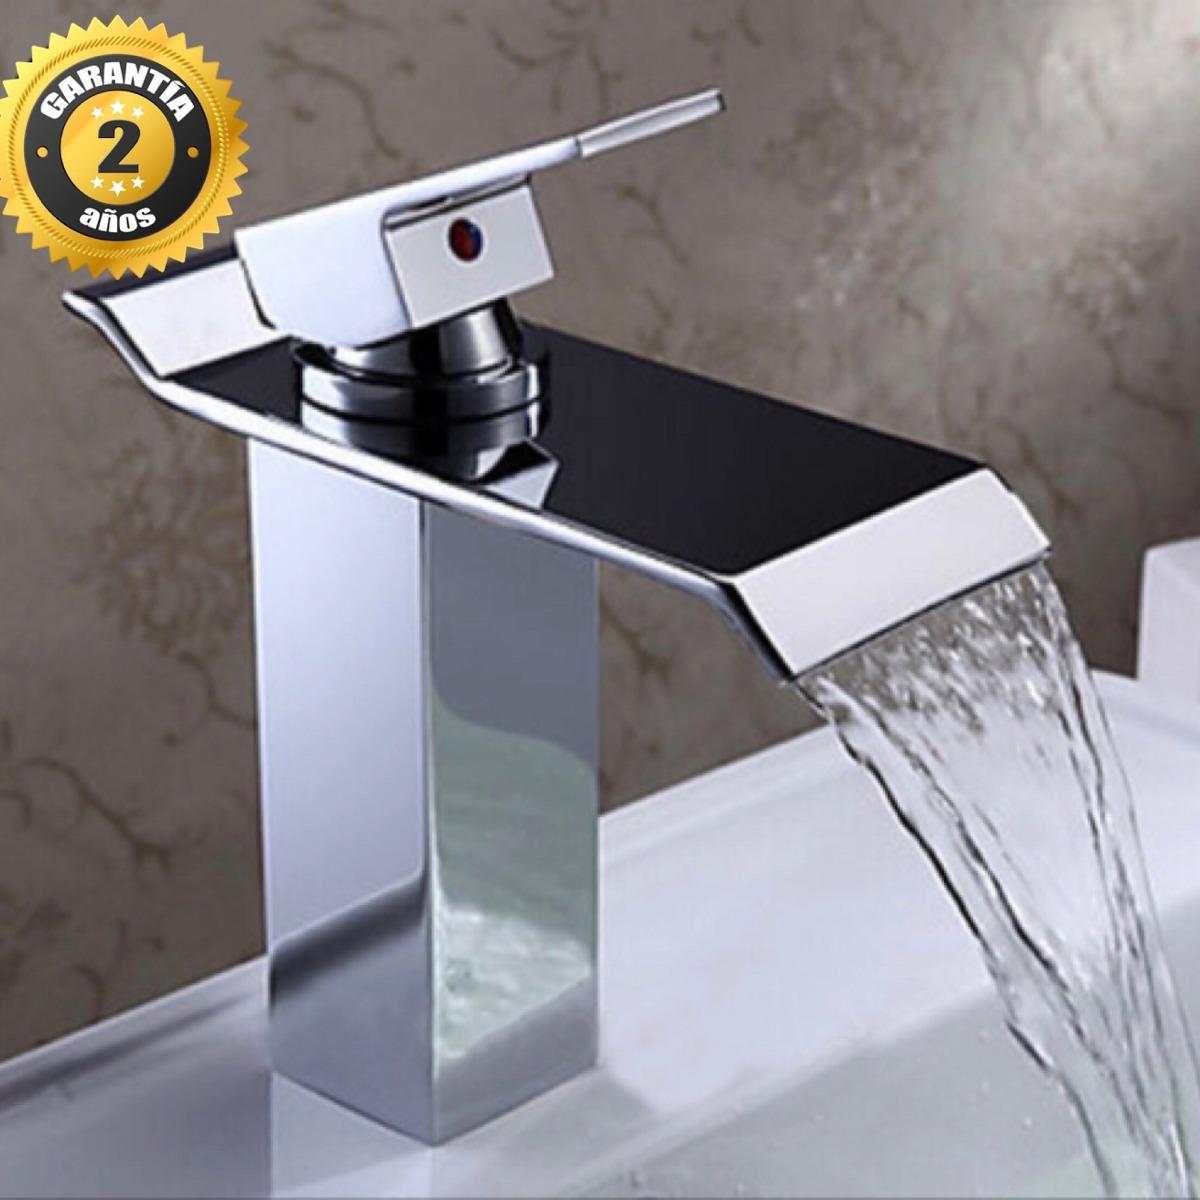 Llave monomando mezcladora grifo lavabo ba o cascada r0 - Grifo lavabo cascada ...